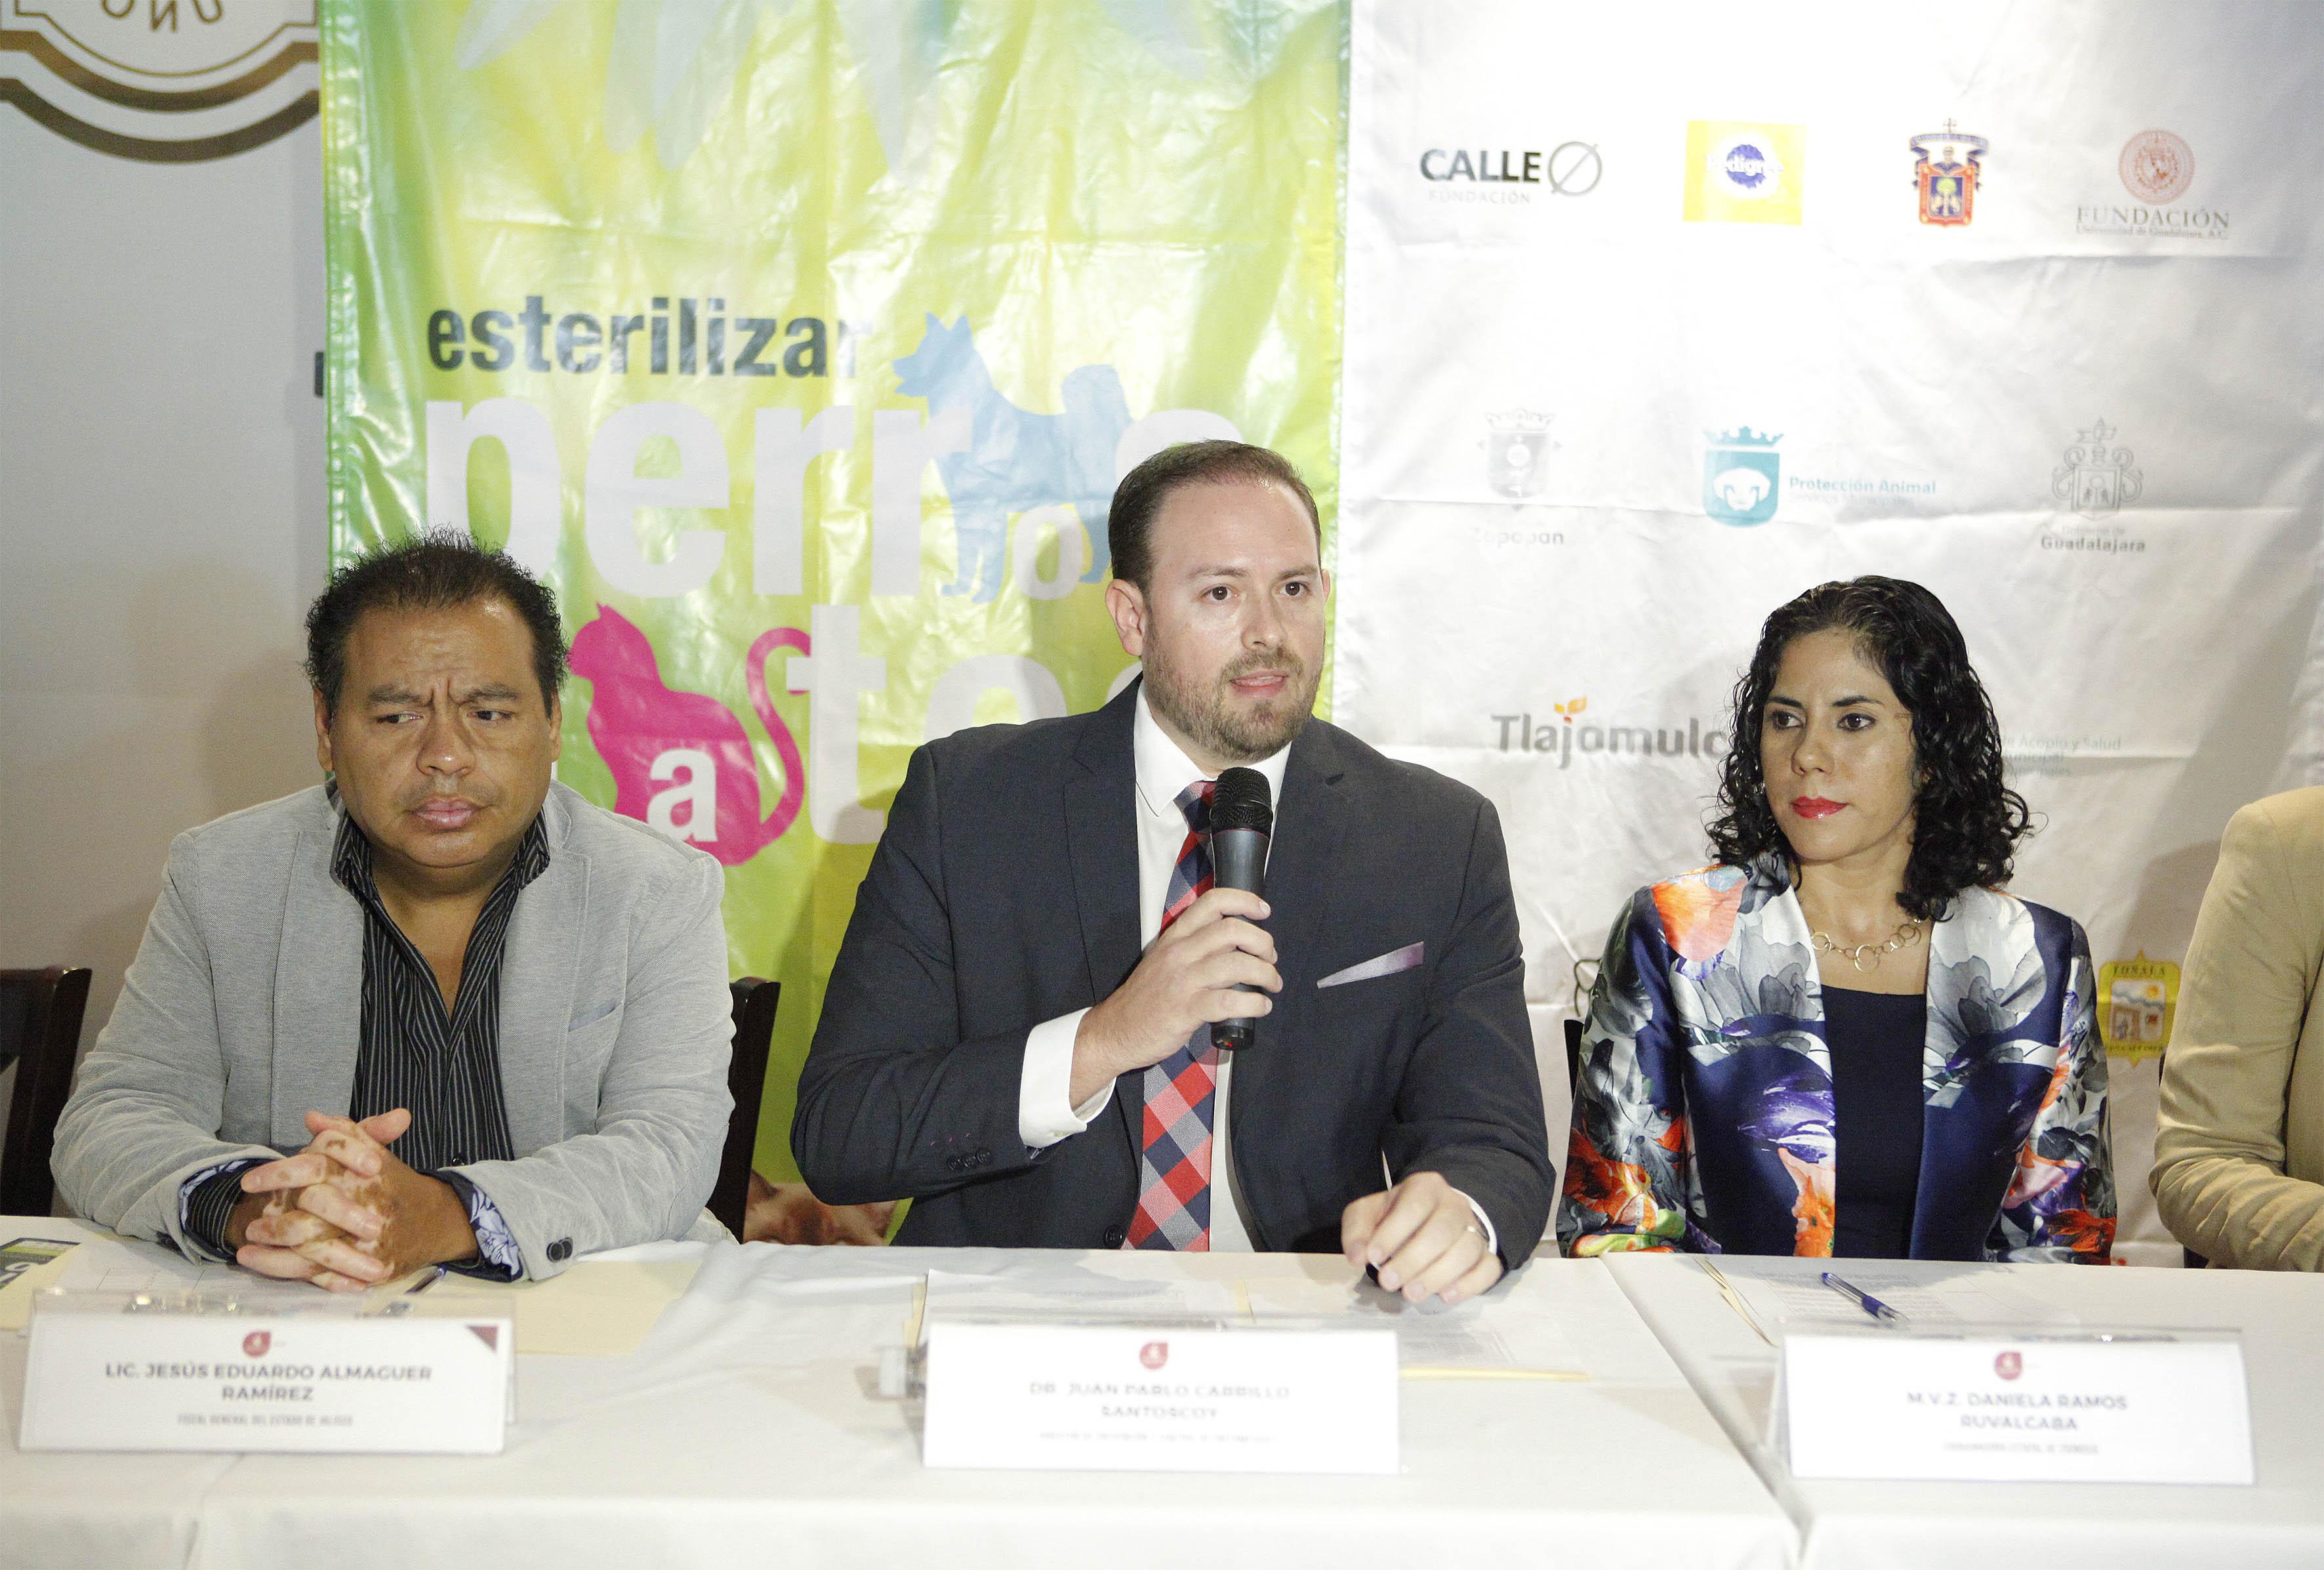 el doctor Juan Pablo Carrillo Santoscoy, director general de Prevención y Control de Enfermedades de la SSJ